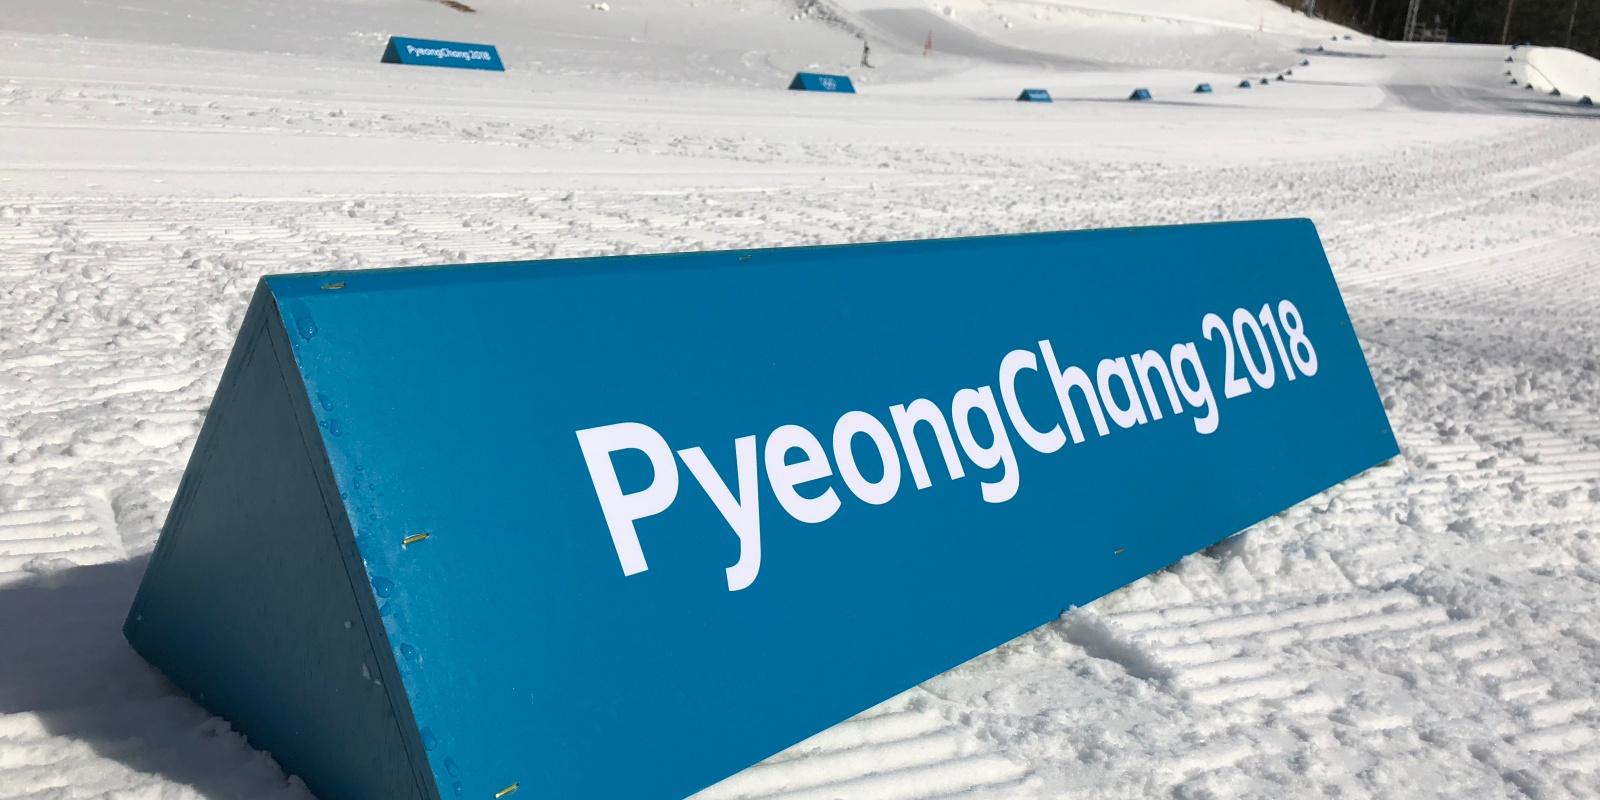 Kalt, Kälter, Pyeongchang – Es War Großartig